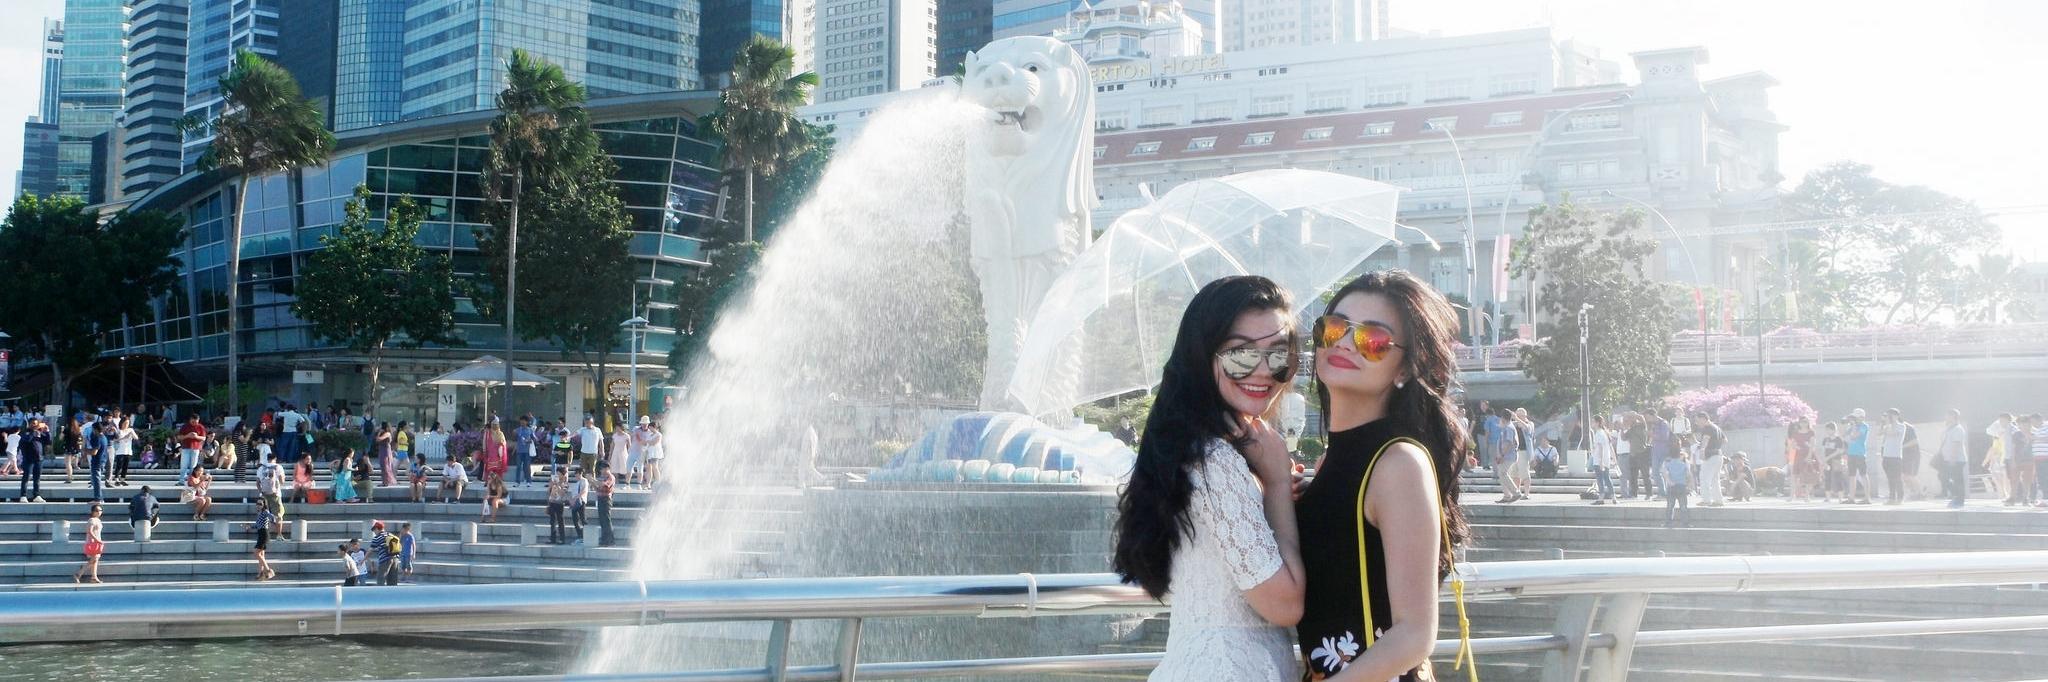 http://gody.vn/blog/bi-kip-hay-di-du-lich/post/top-5-bi-kip-song-con-danh-cho-nhung-nguoi-lan-dau-du-lich-singapore-1106